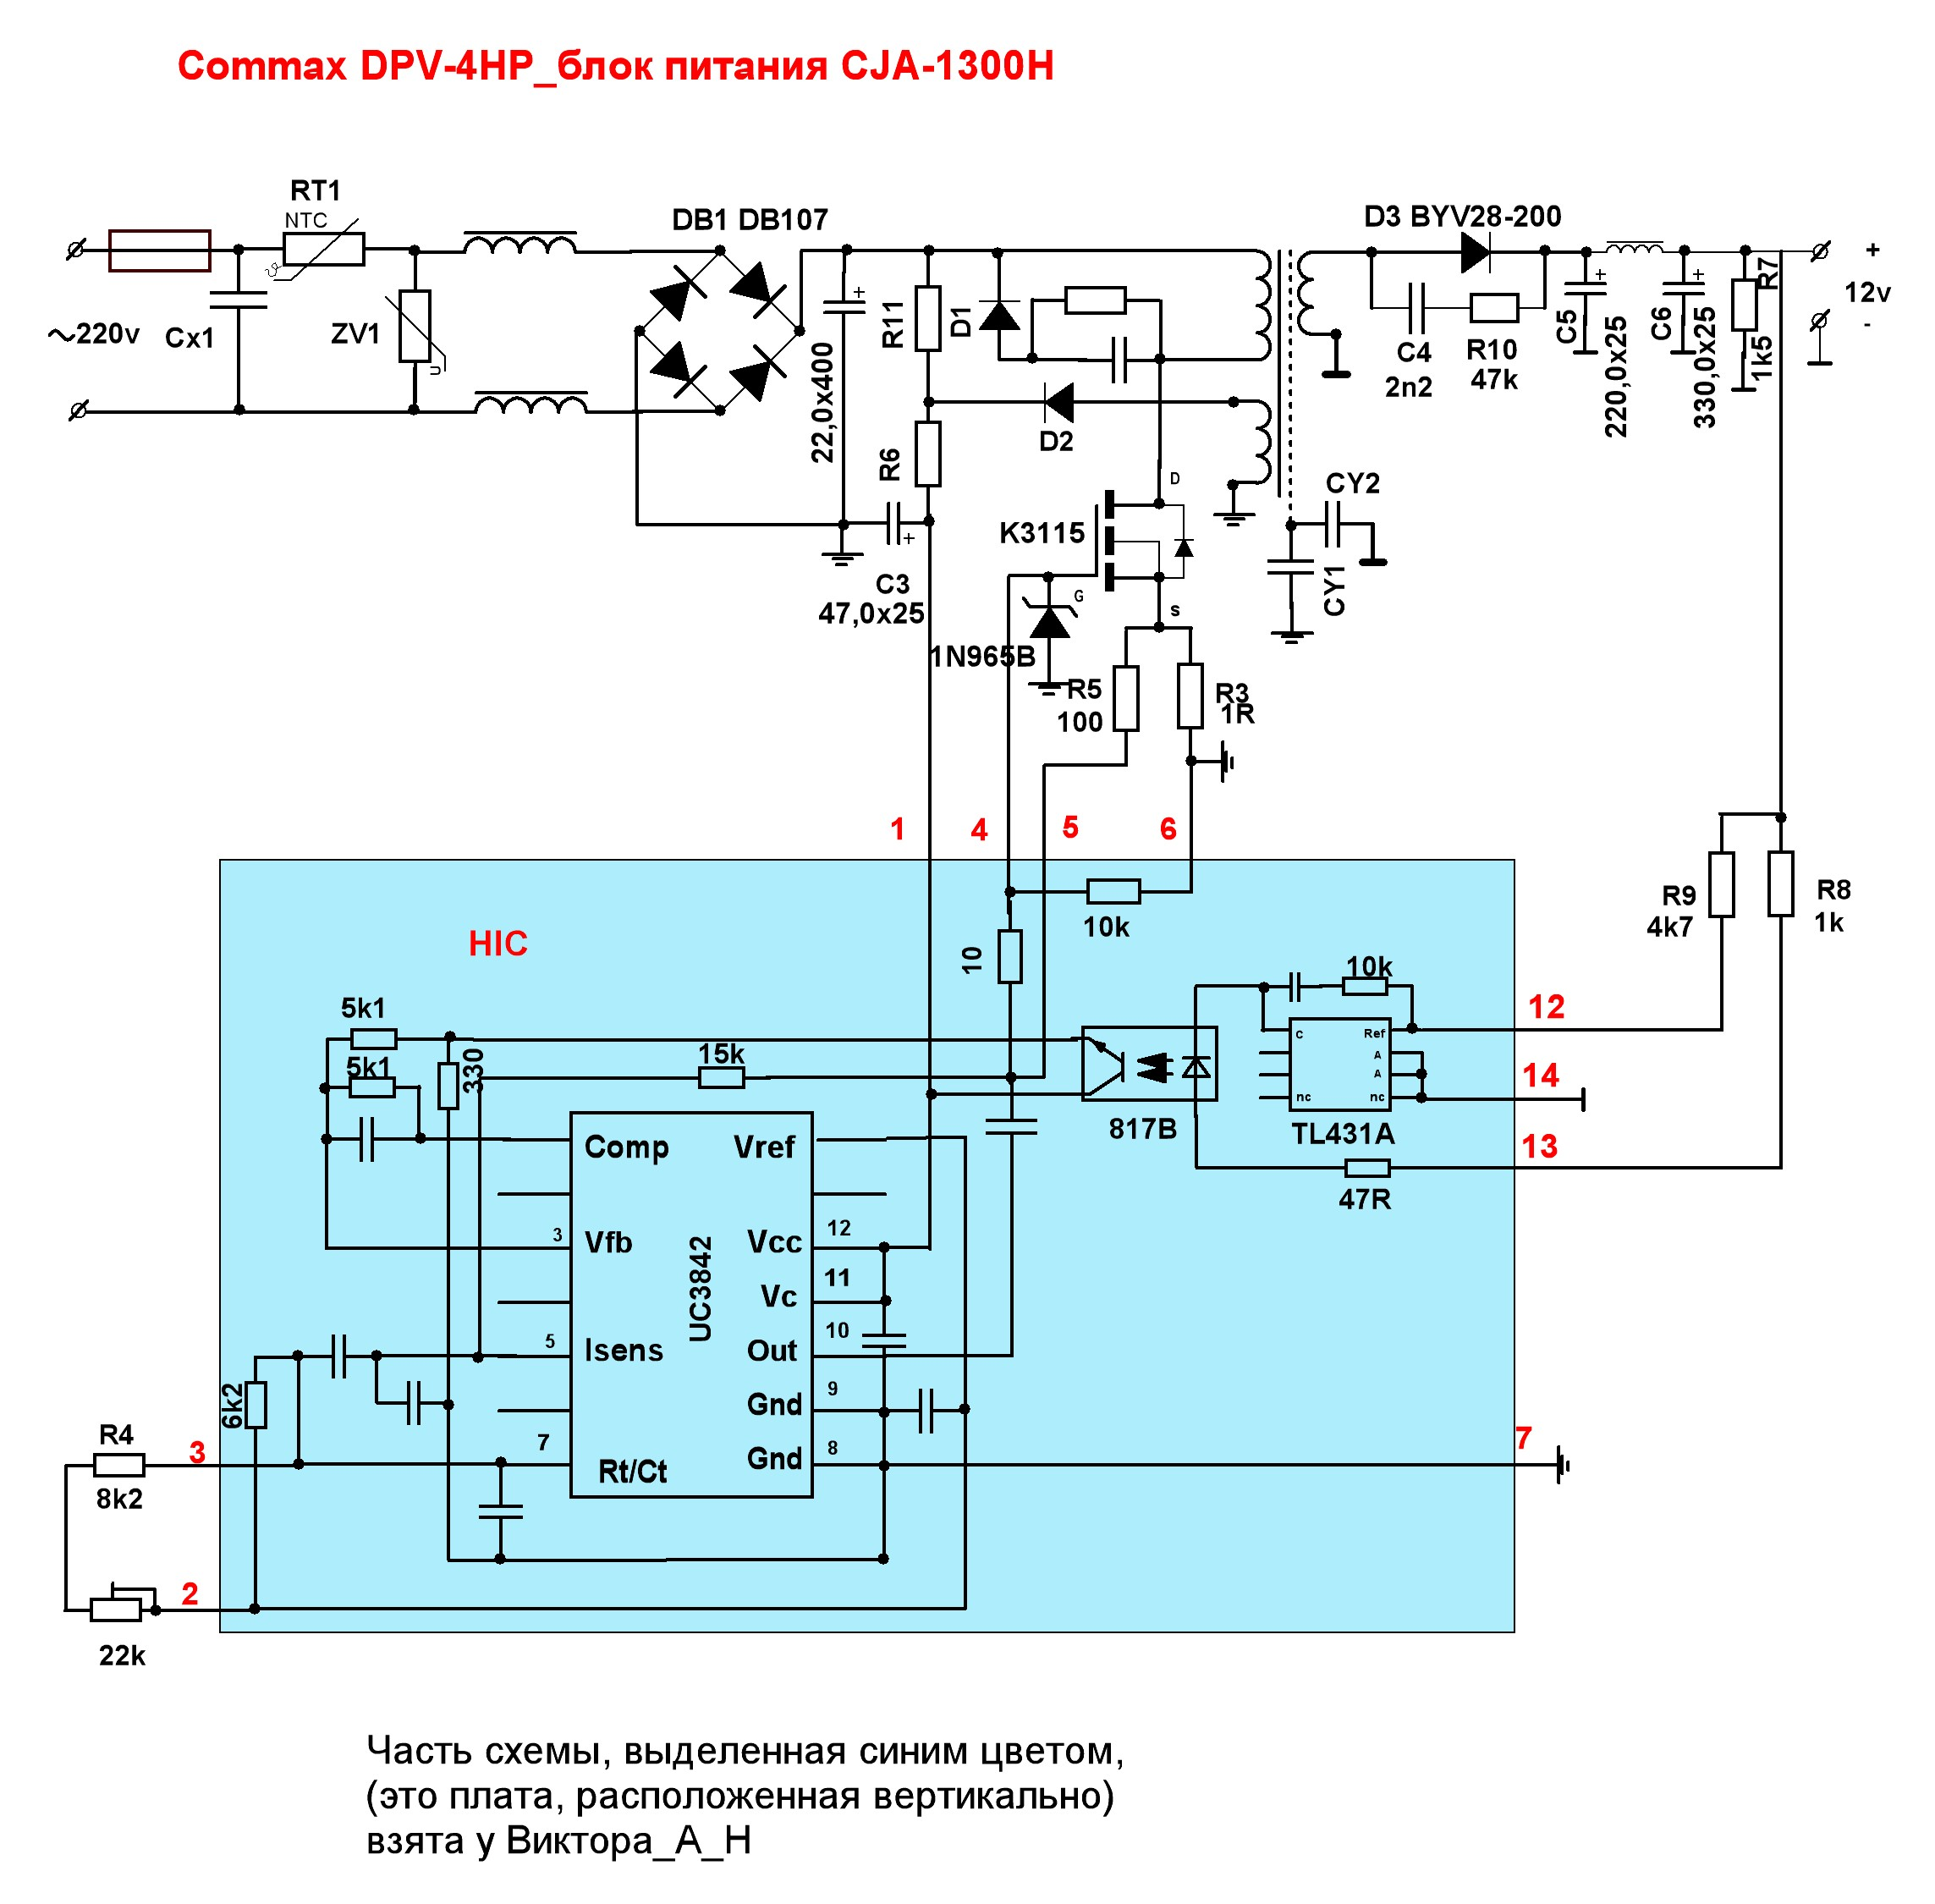 Схемы на видеодомофоны commax